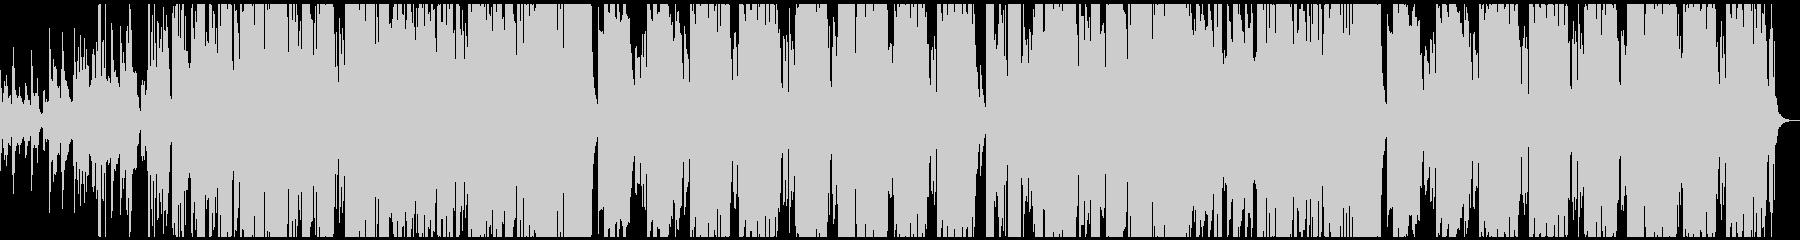 和風 ダーク ヒップホップの未再生の波形